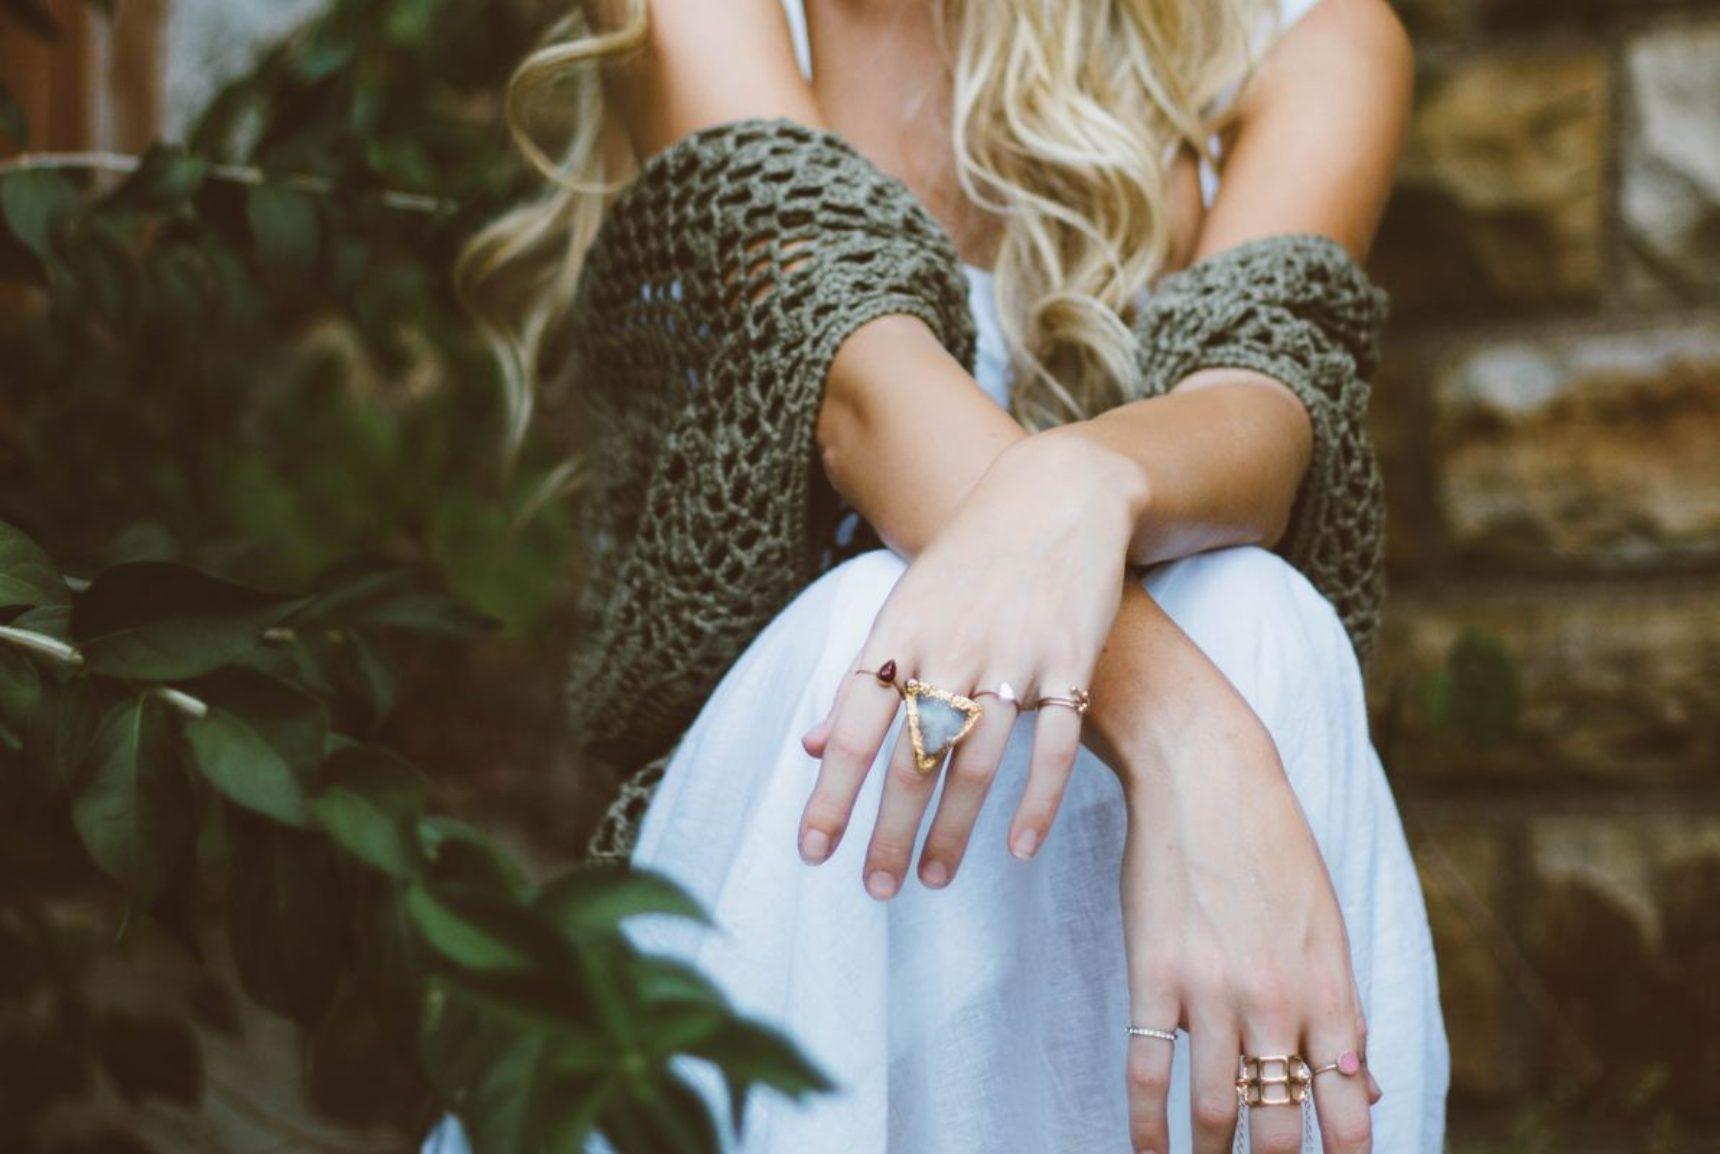 Modna biżuteria – dodaj klasy i blasku swojej stylizacji